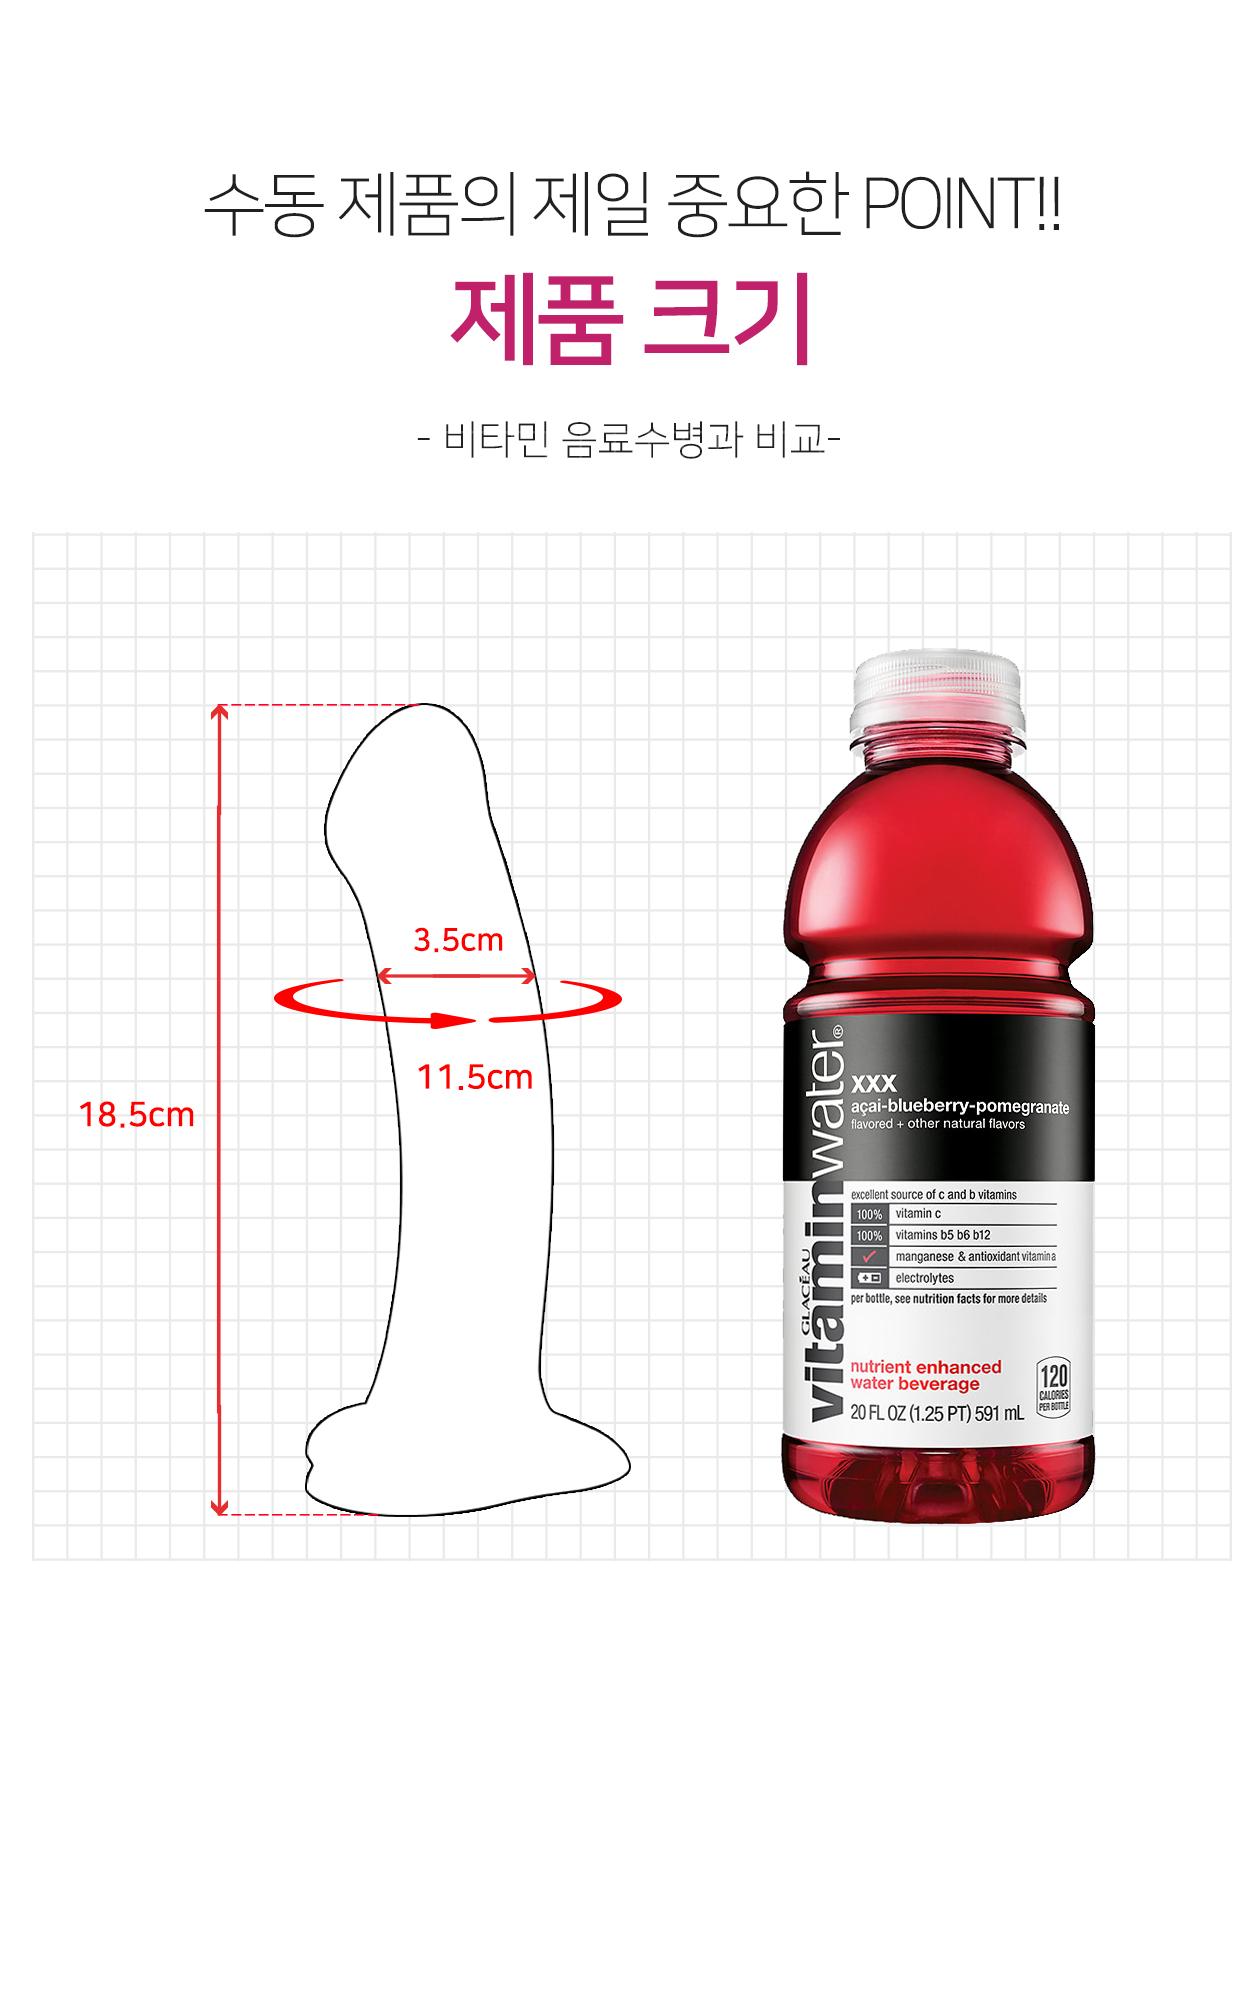 도펀팩토리 솔직한성인용품후기 레인보우플래그